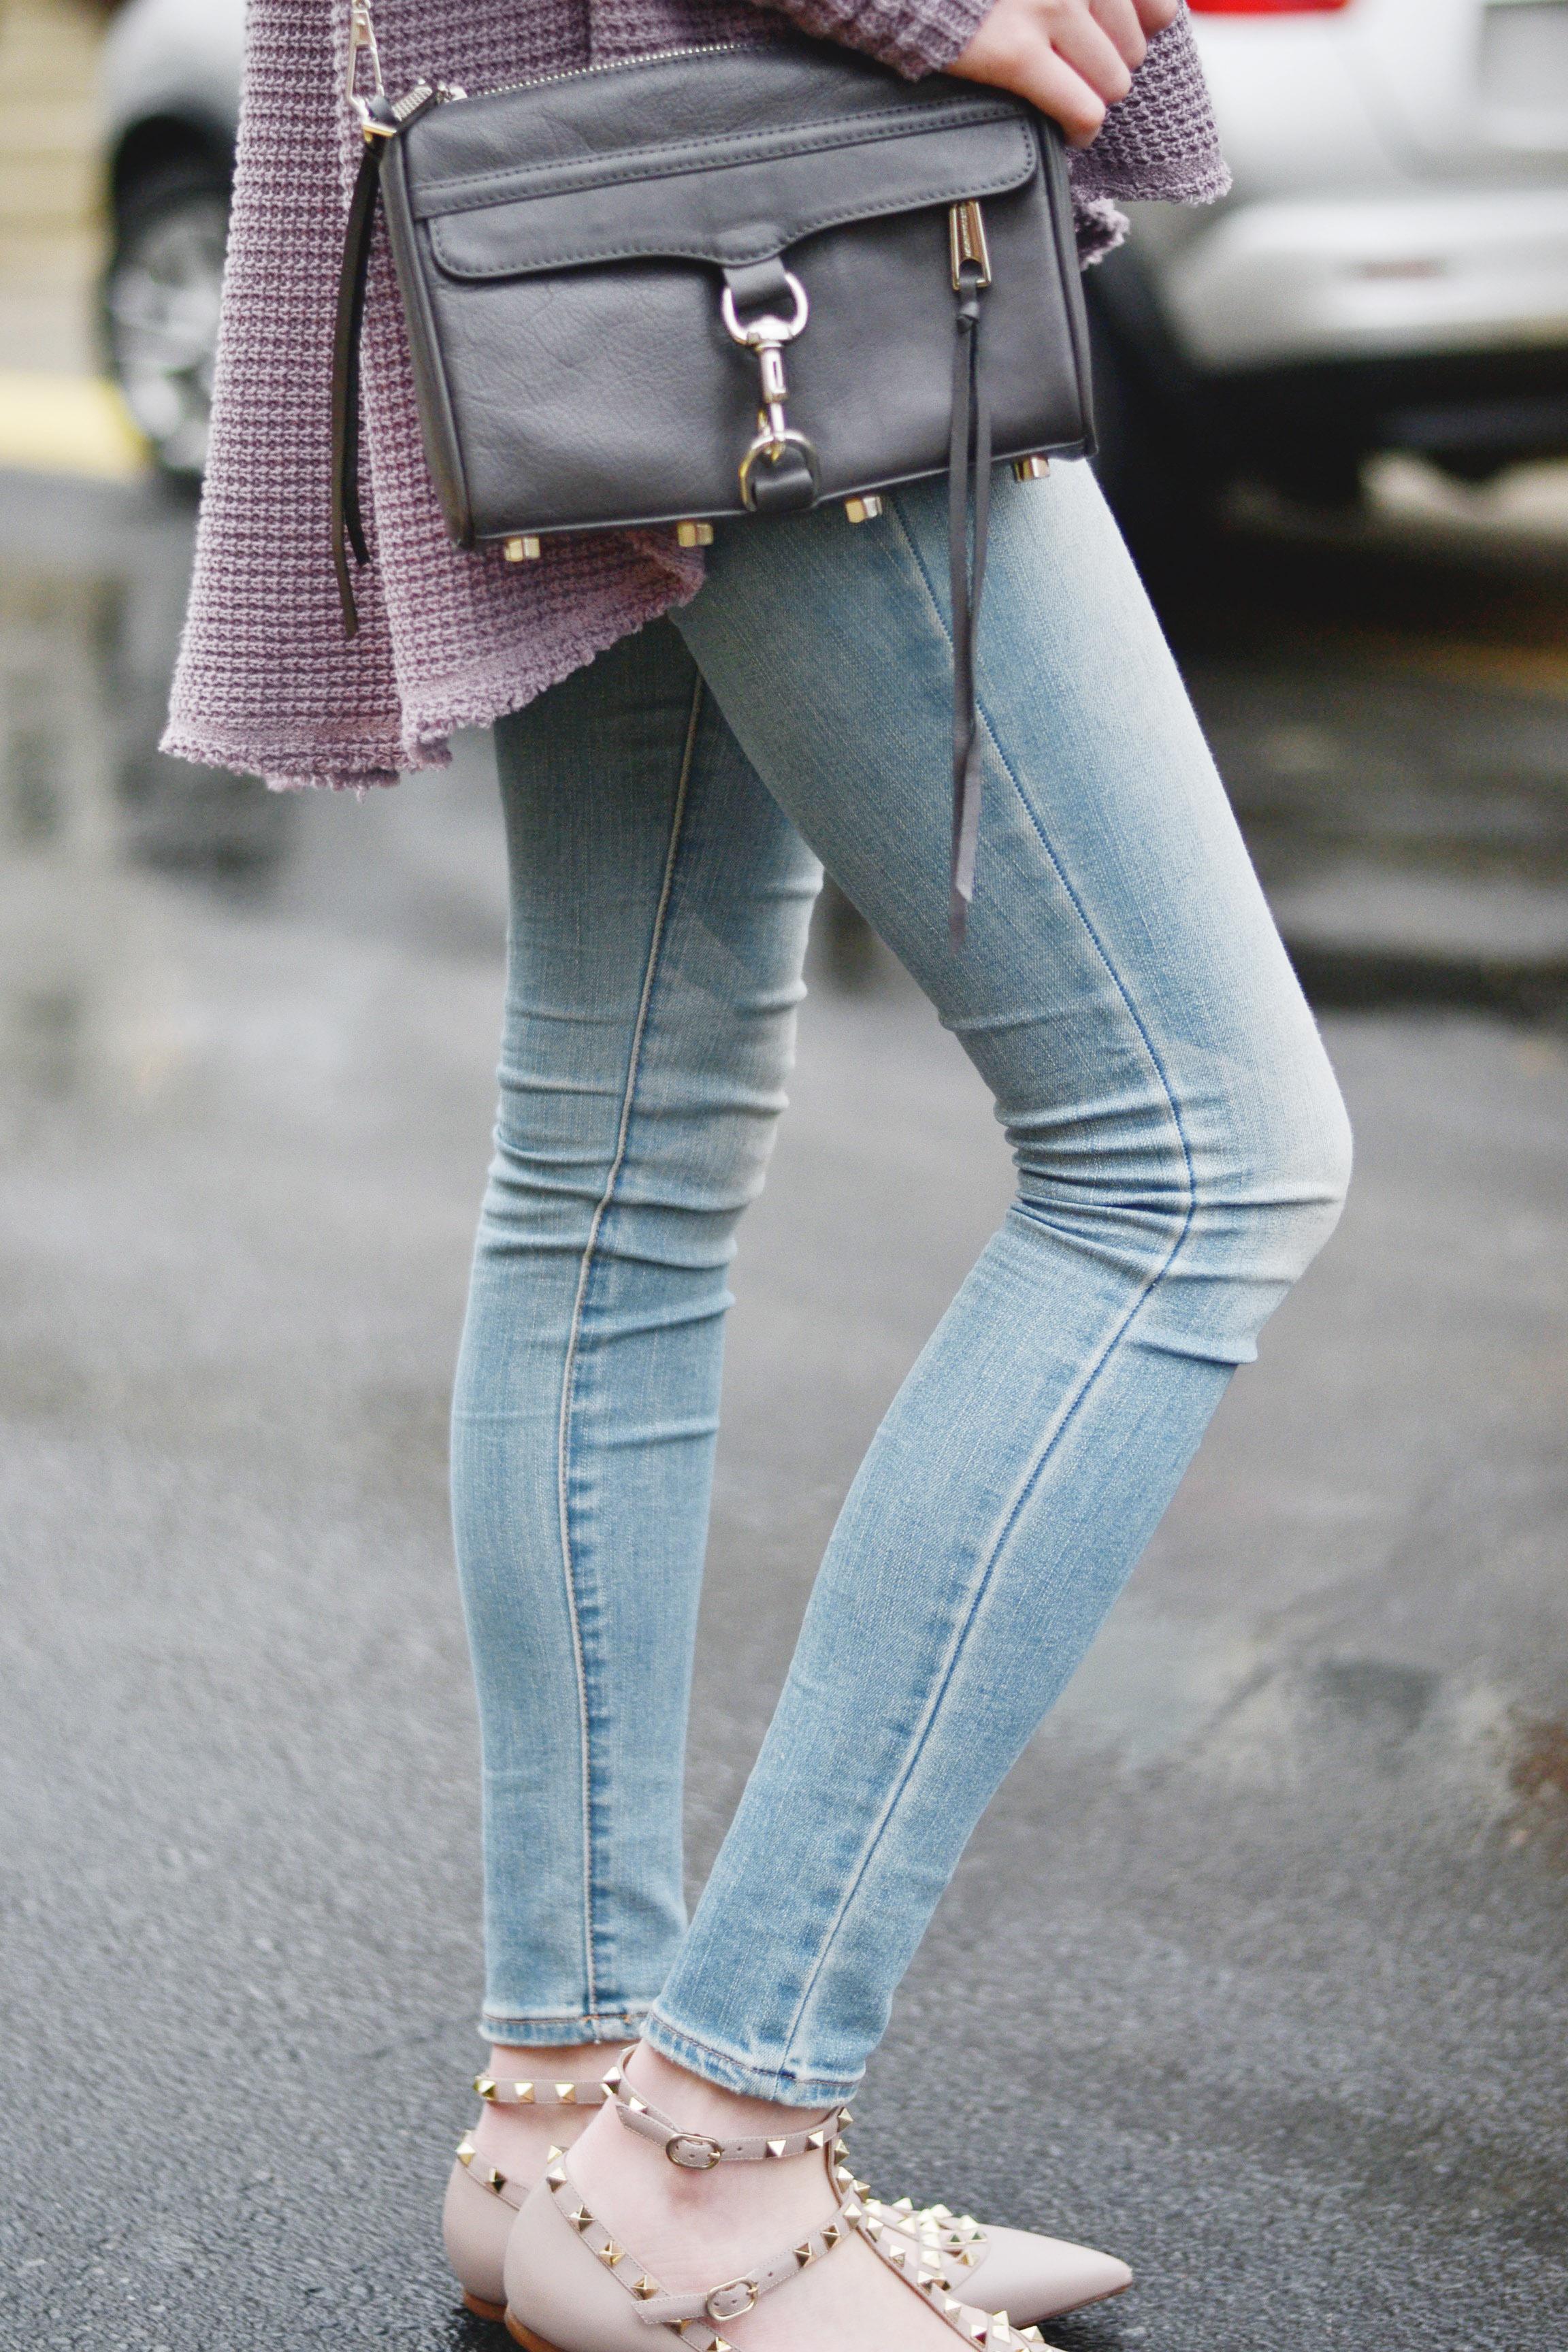 Rebecca Minkoff Mini Mac & Valentino Flats (via Girl x Garment)